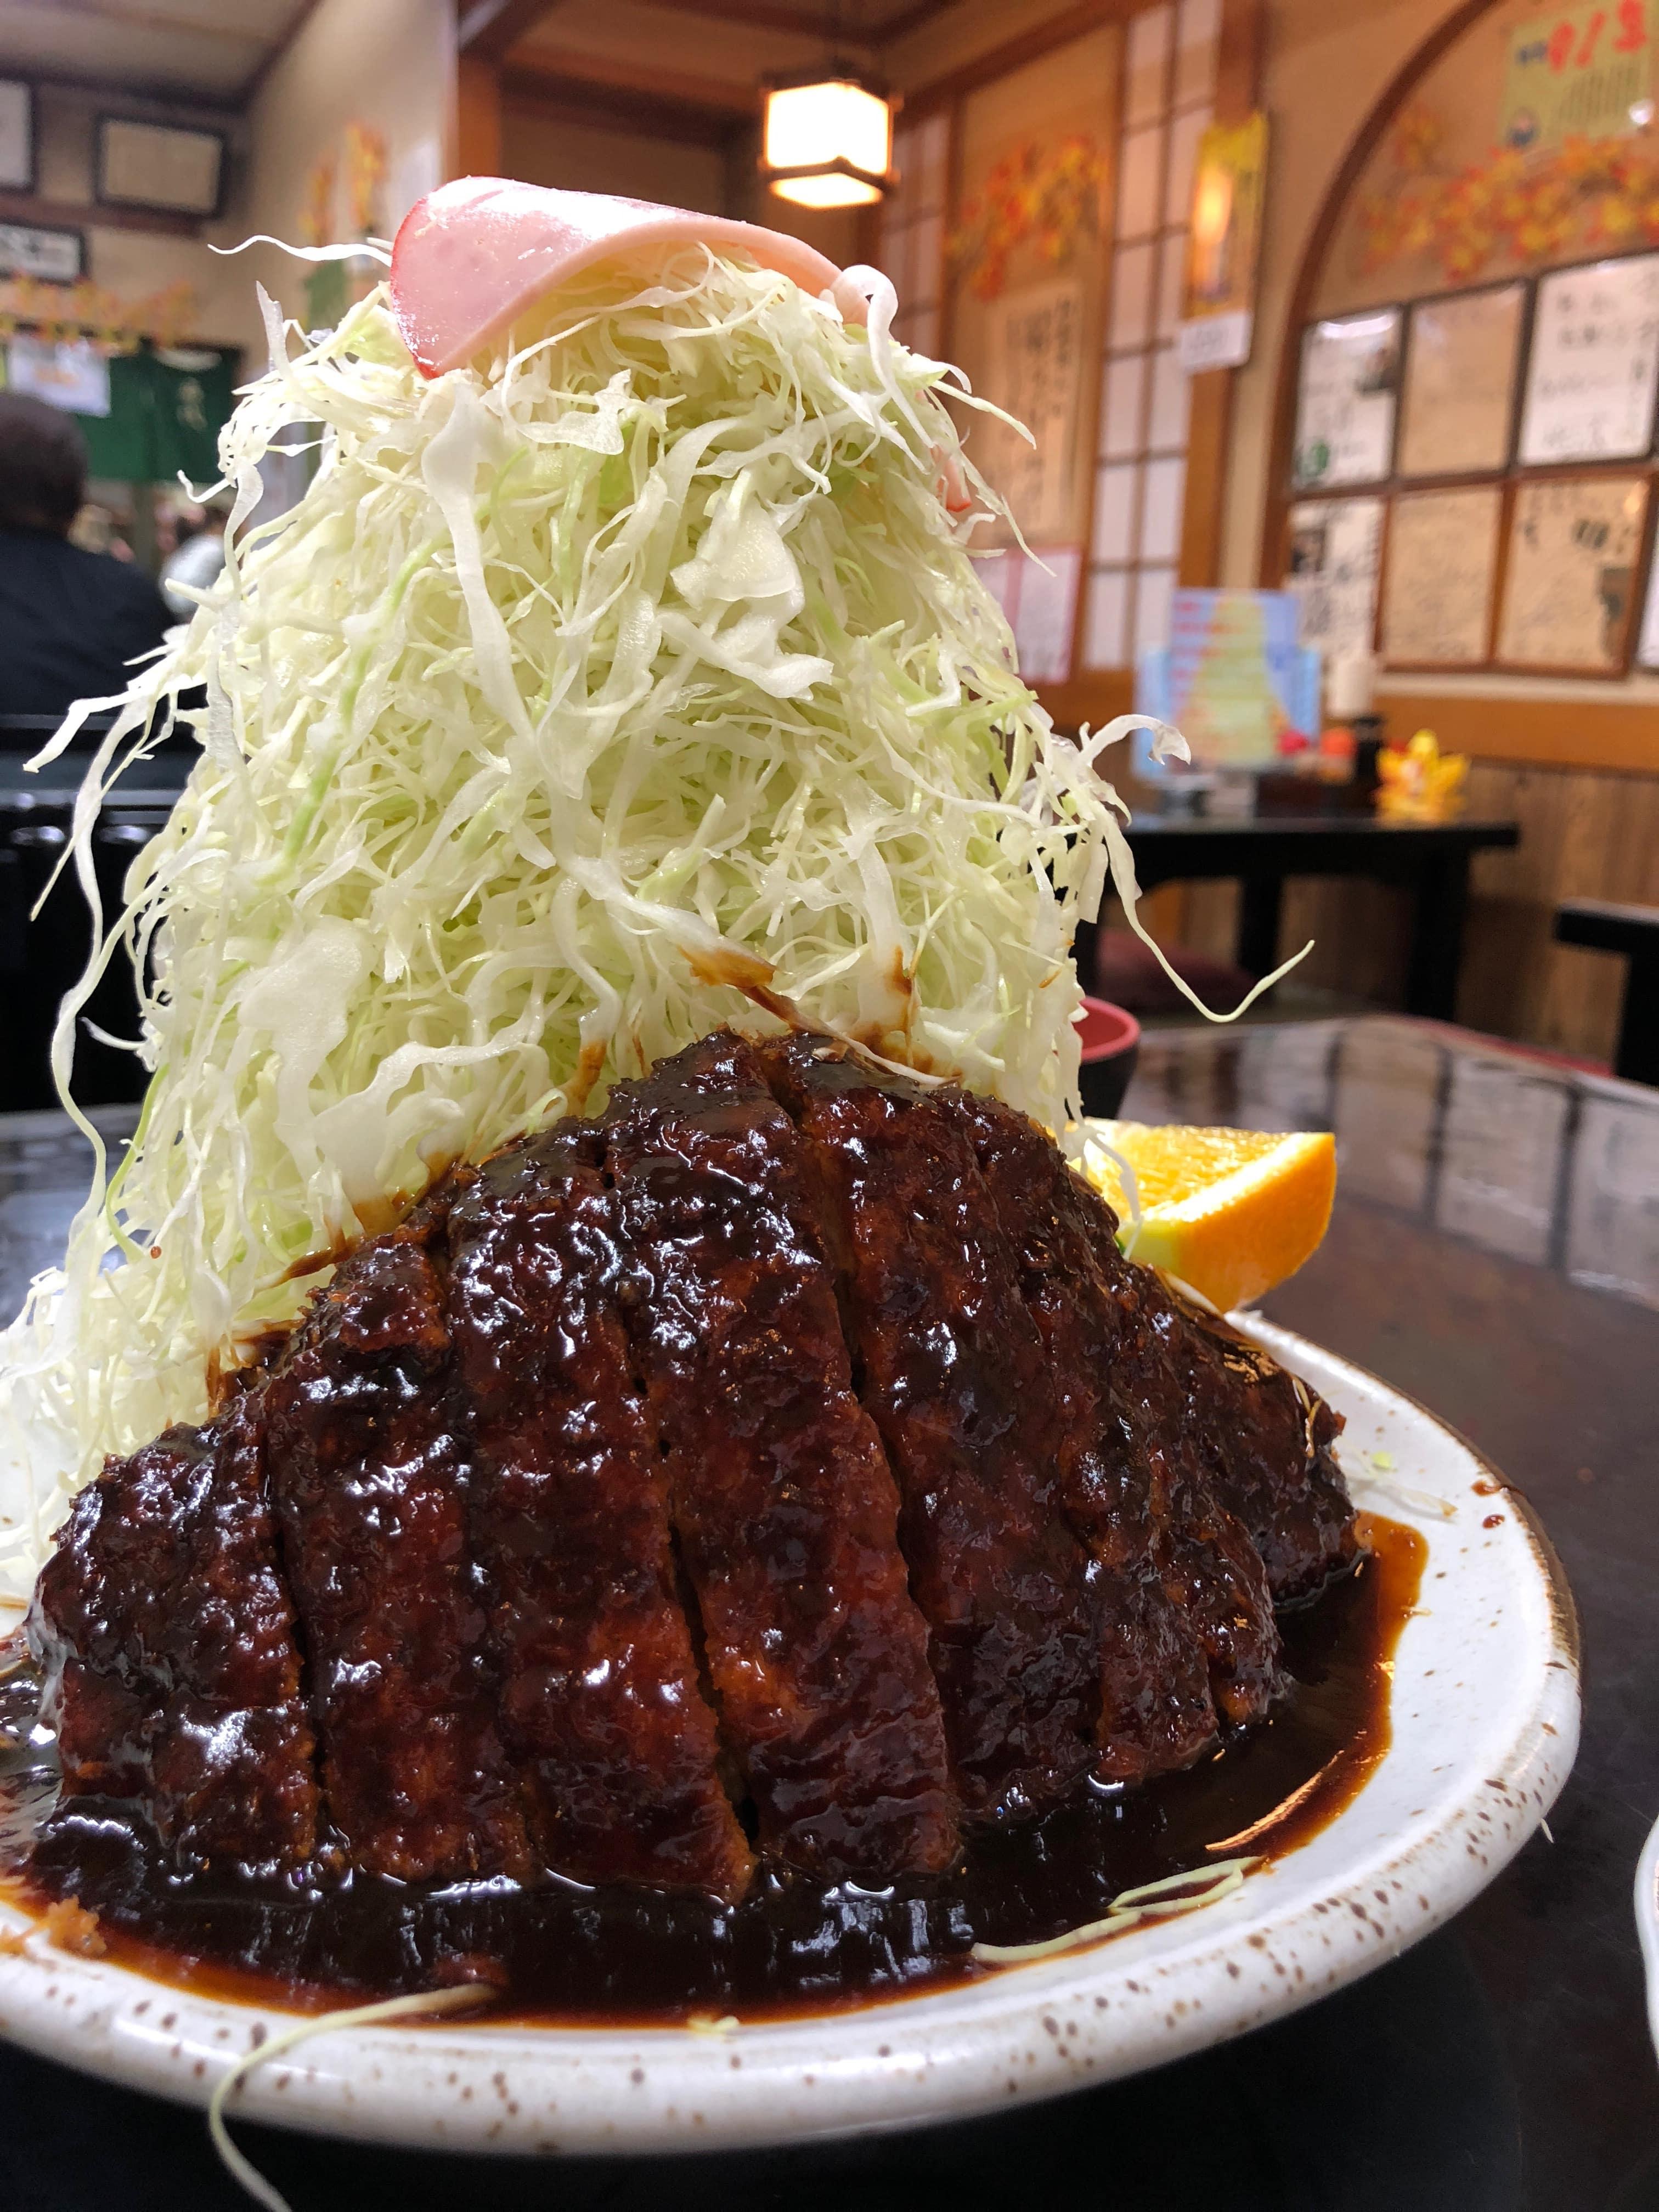 尾頭橋|昭和2年創業の老舗食堂が攻めてる!名古屋名物味噌カツを従えるキャベツタワー